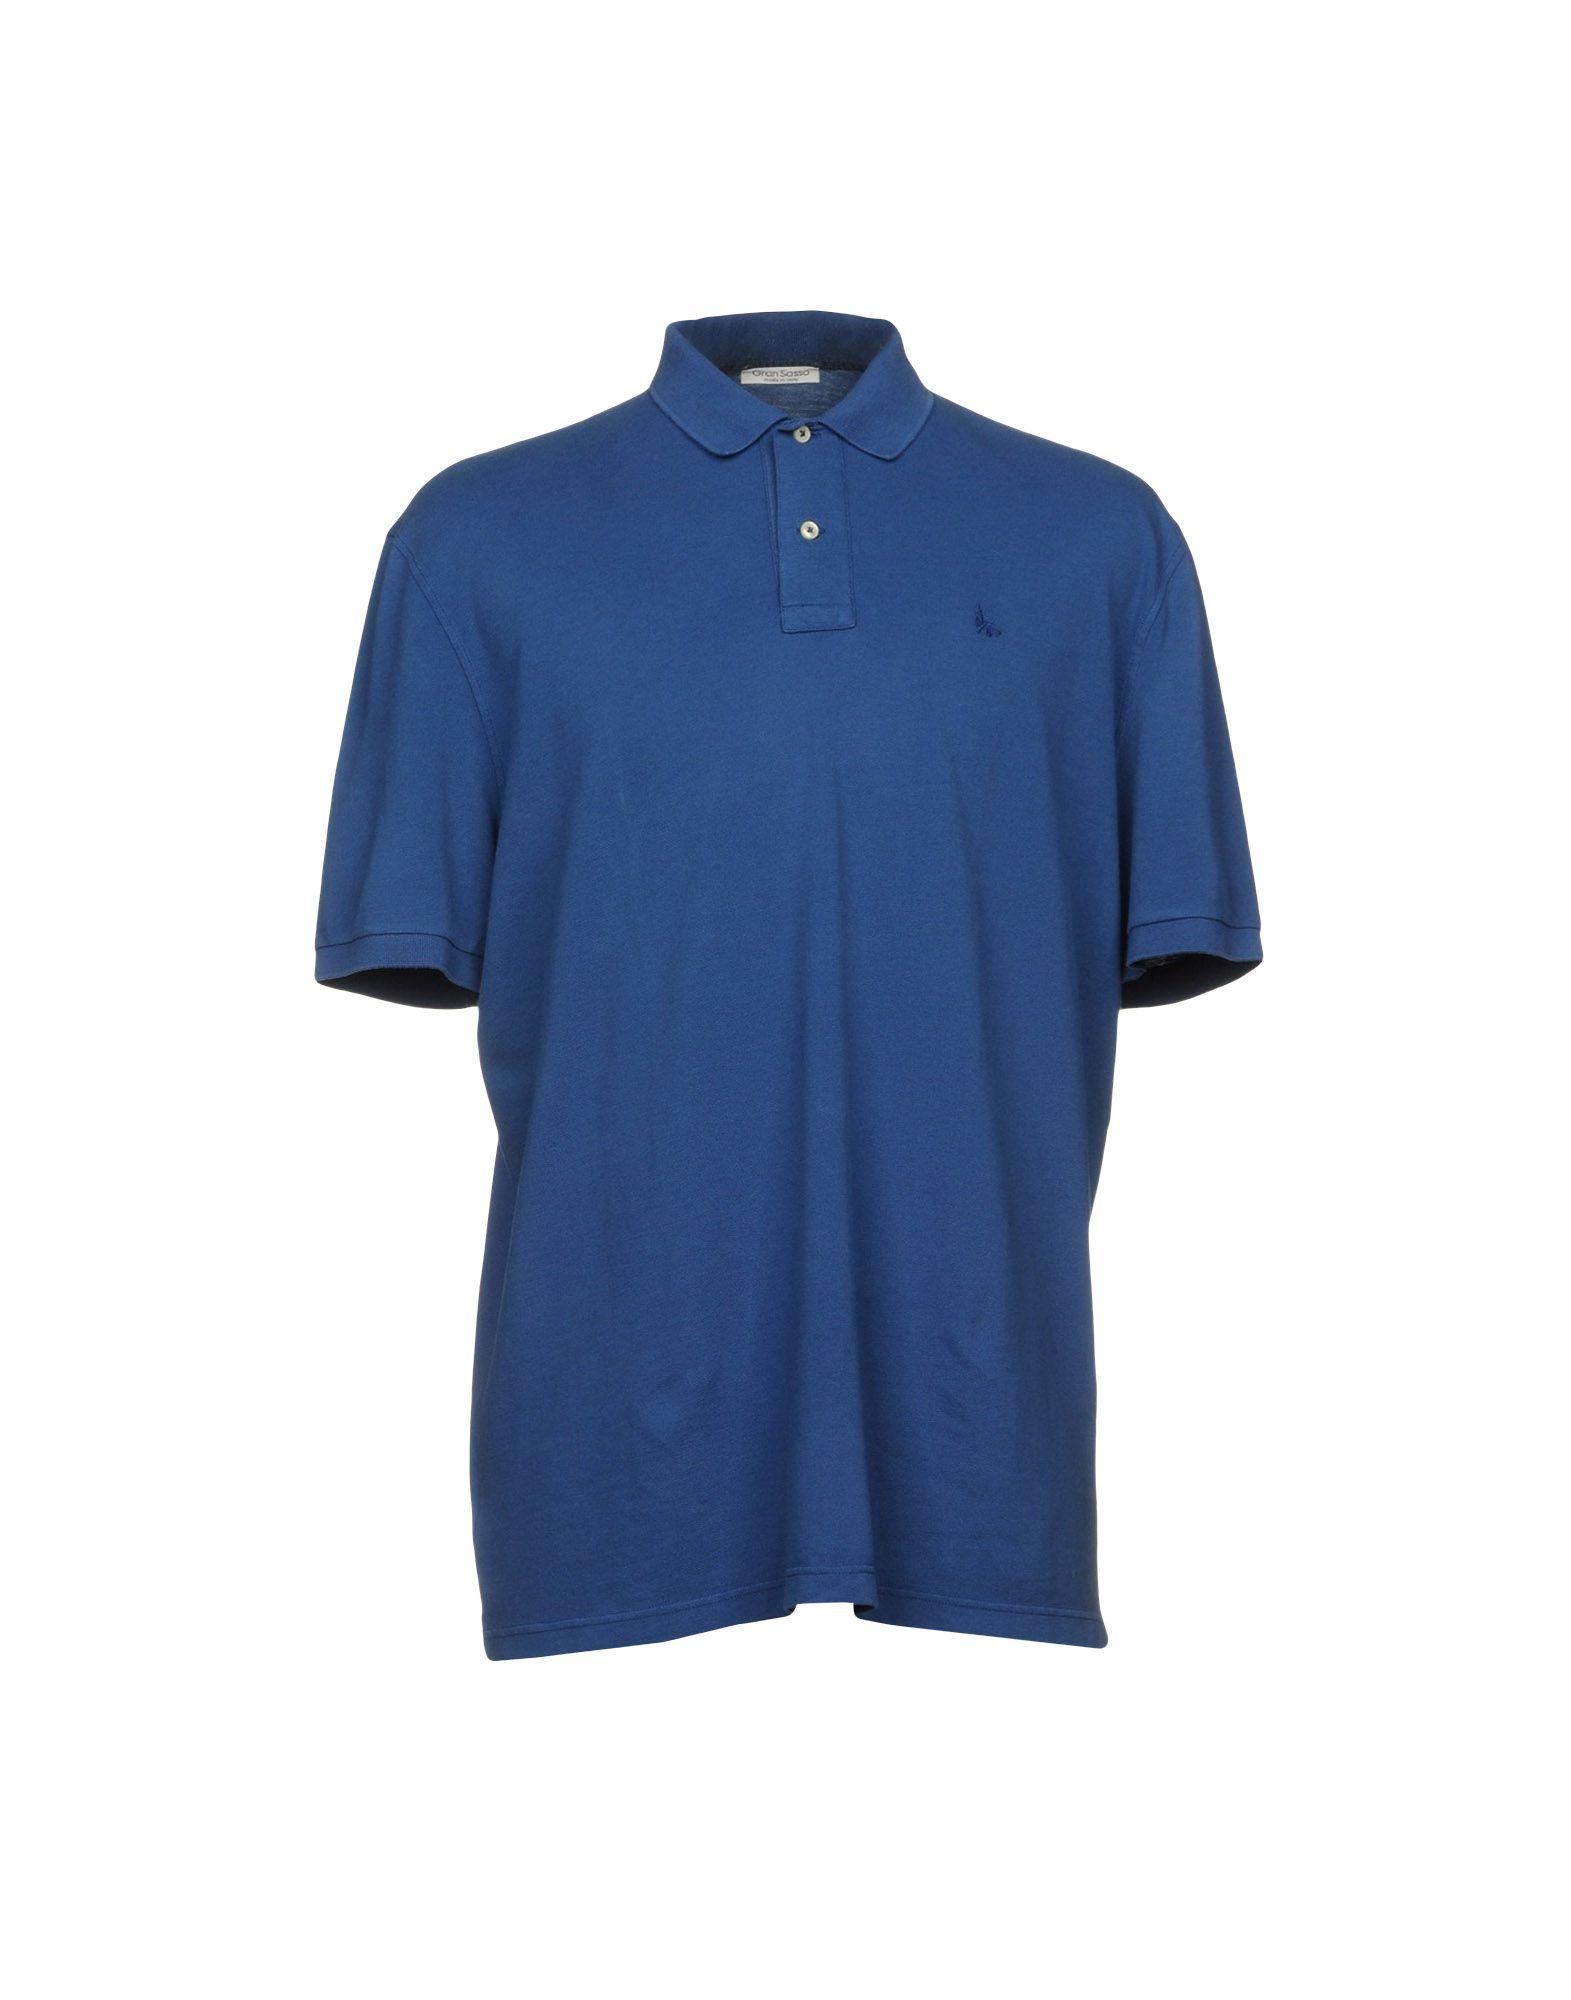 GRAN SASSO Herren Poloshirt Farbe Dunkelblau Größe 7 jetztbilligerkaufen